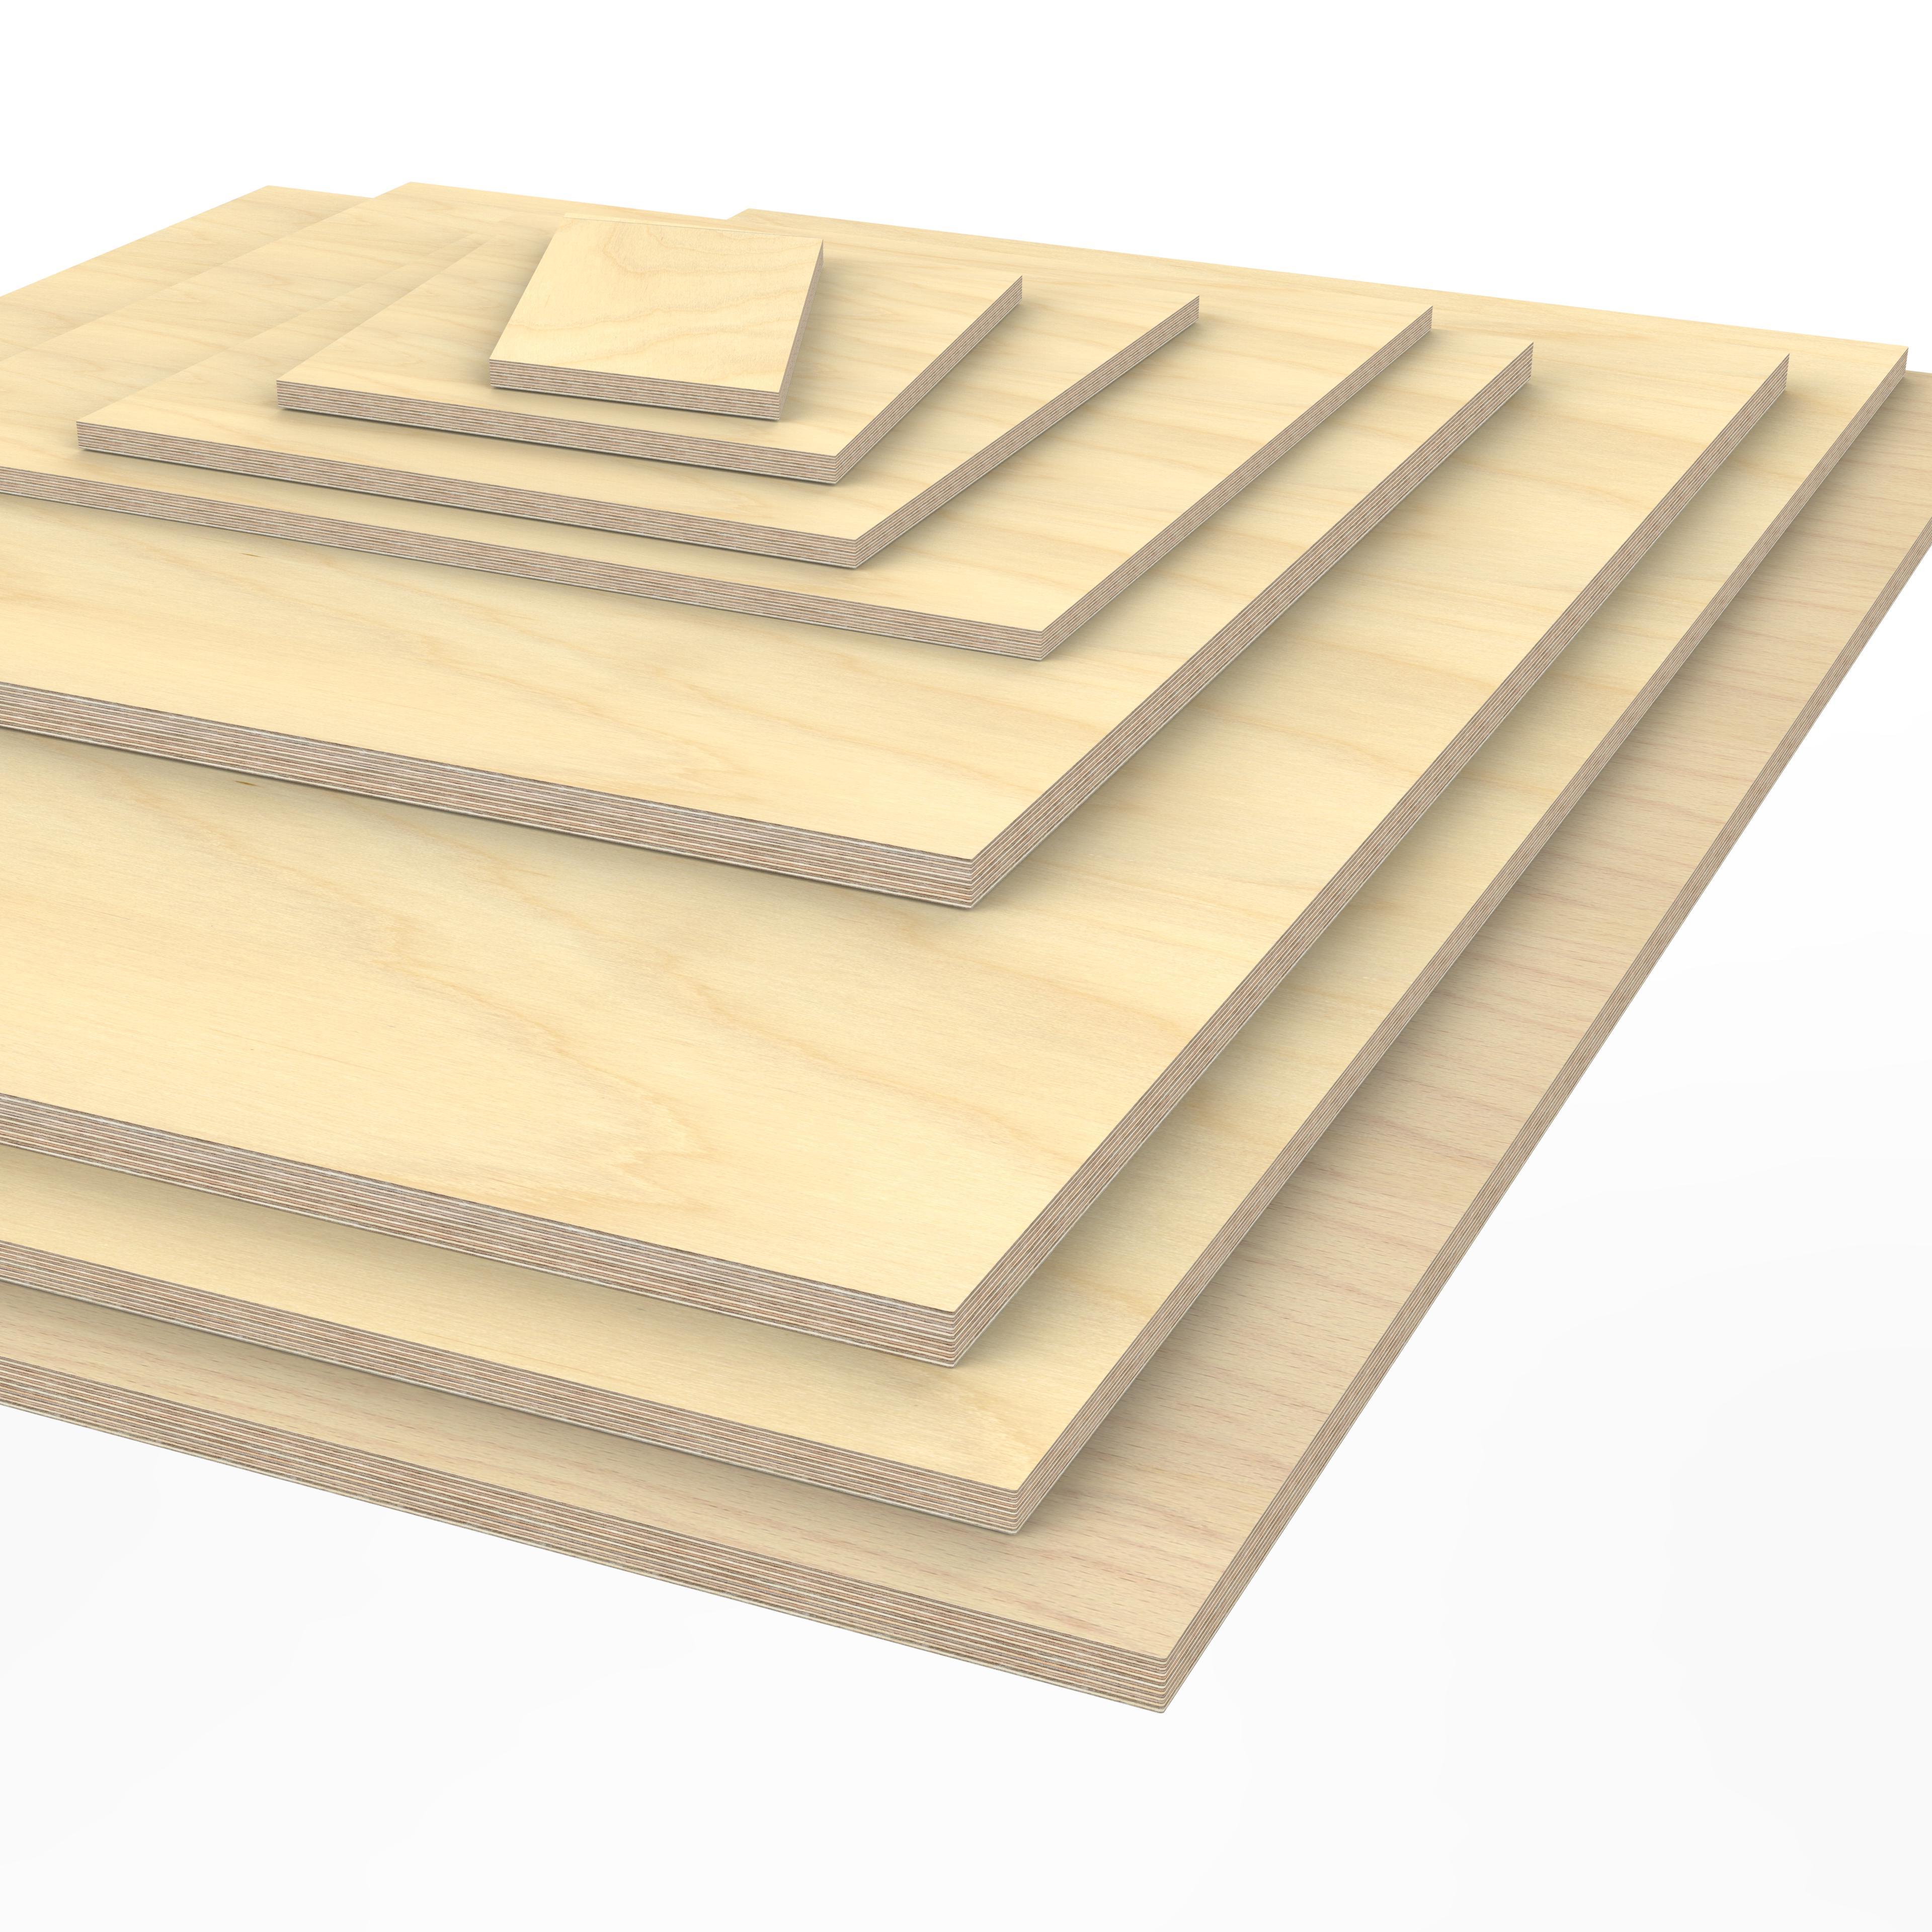 18 mm multiplex platten zuschnitt auf ma von auprotec. Black Bedroom Furniture Sets. Home Design Ideas